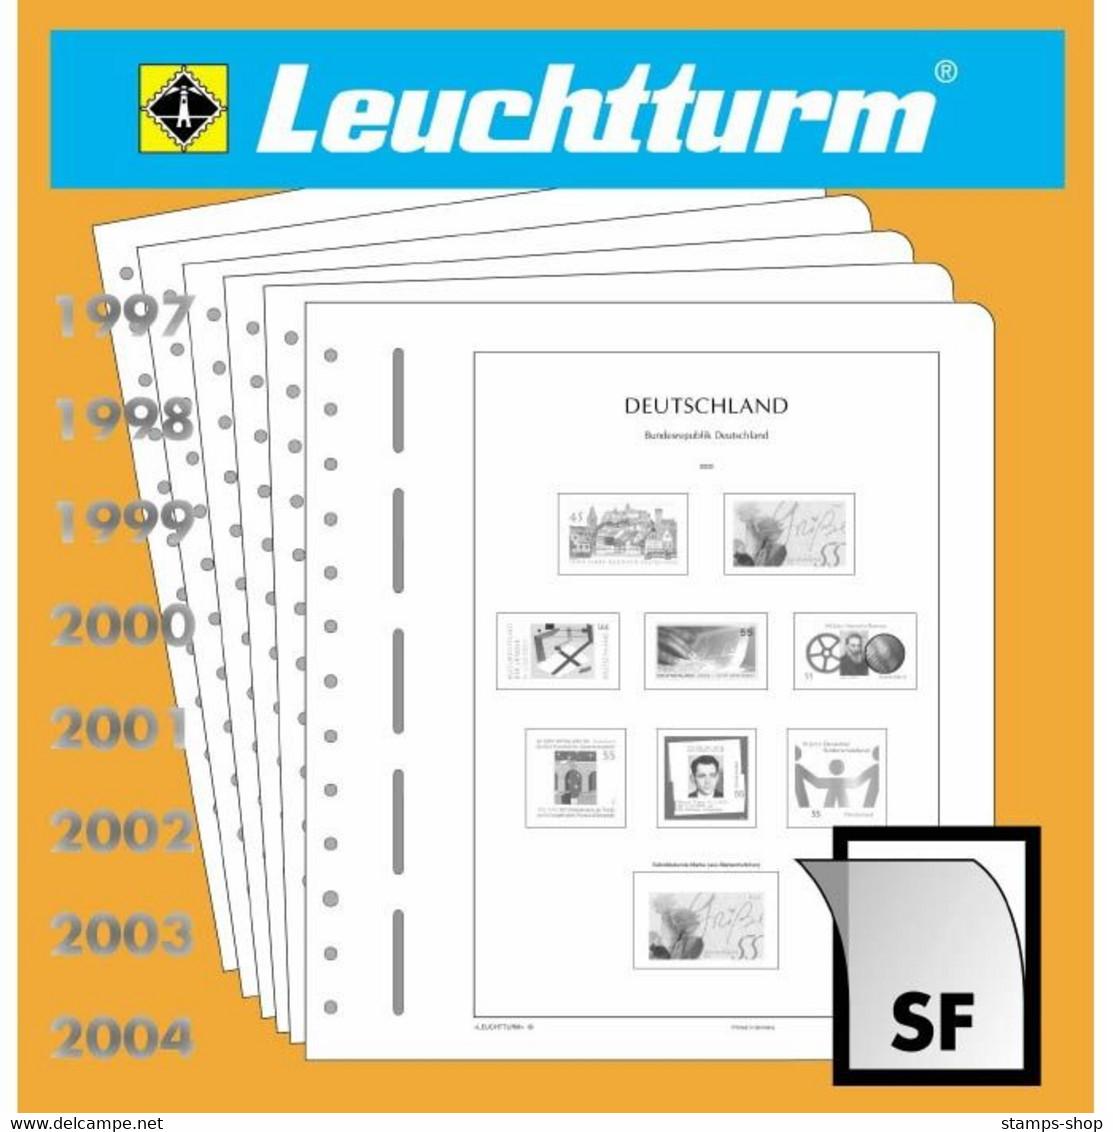 Leuchtturm Nachtrag Deutschland Markenheftchen 2004 SF Mit Taschen Neu - Pre-printed Pages